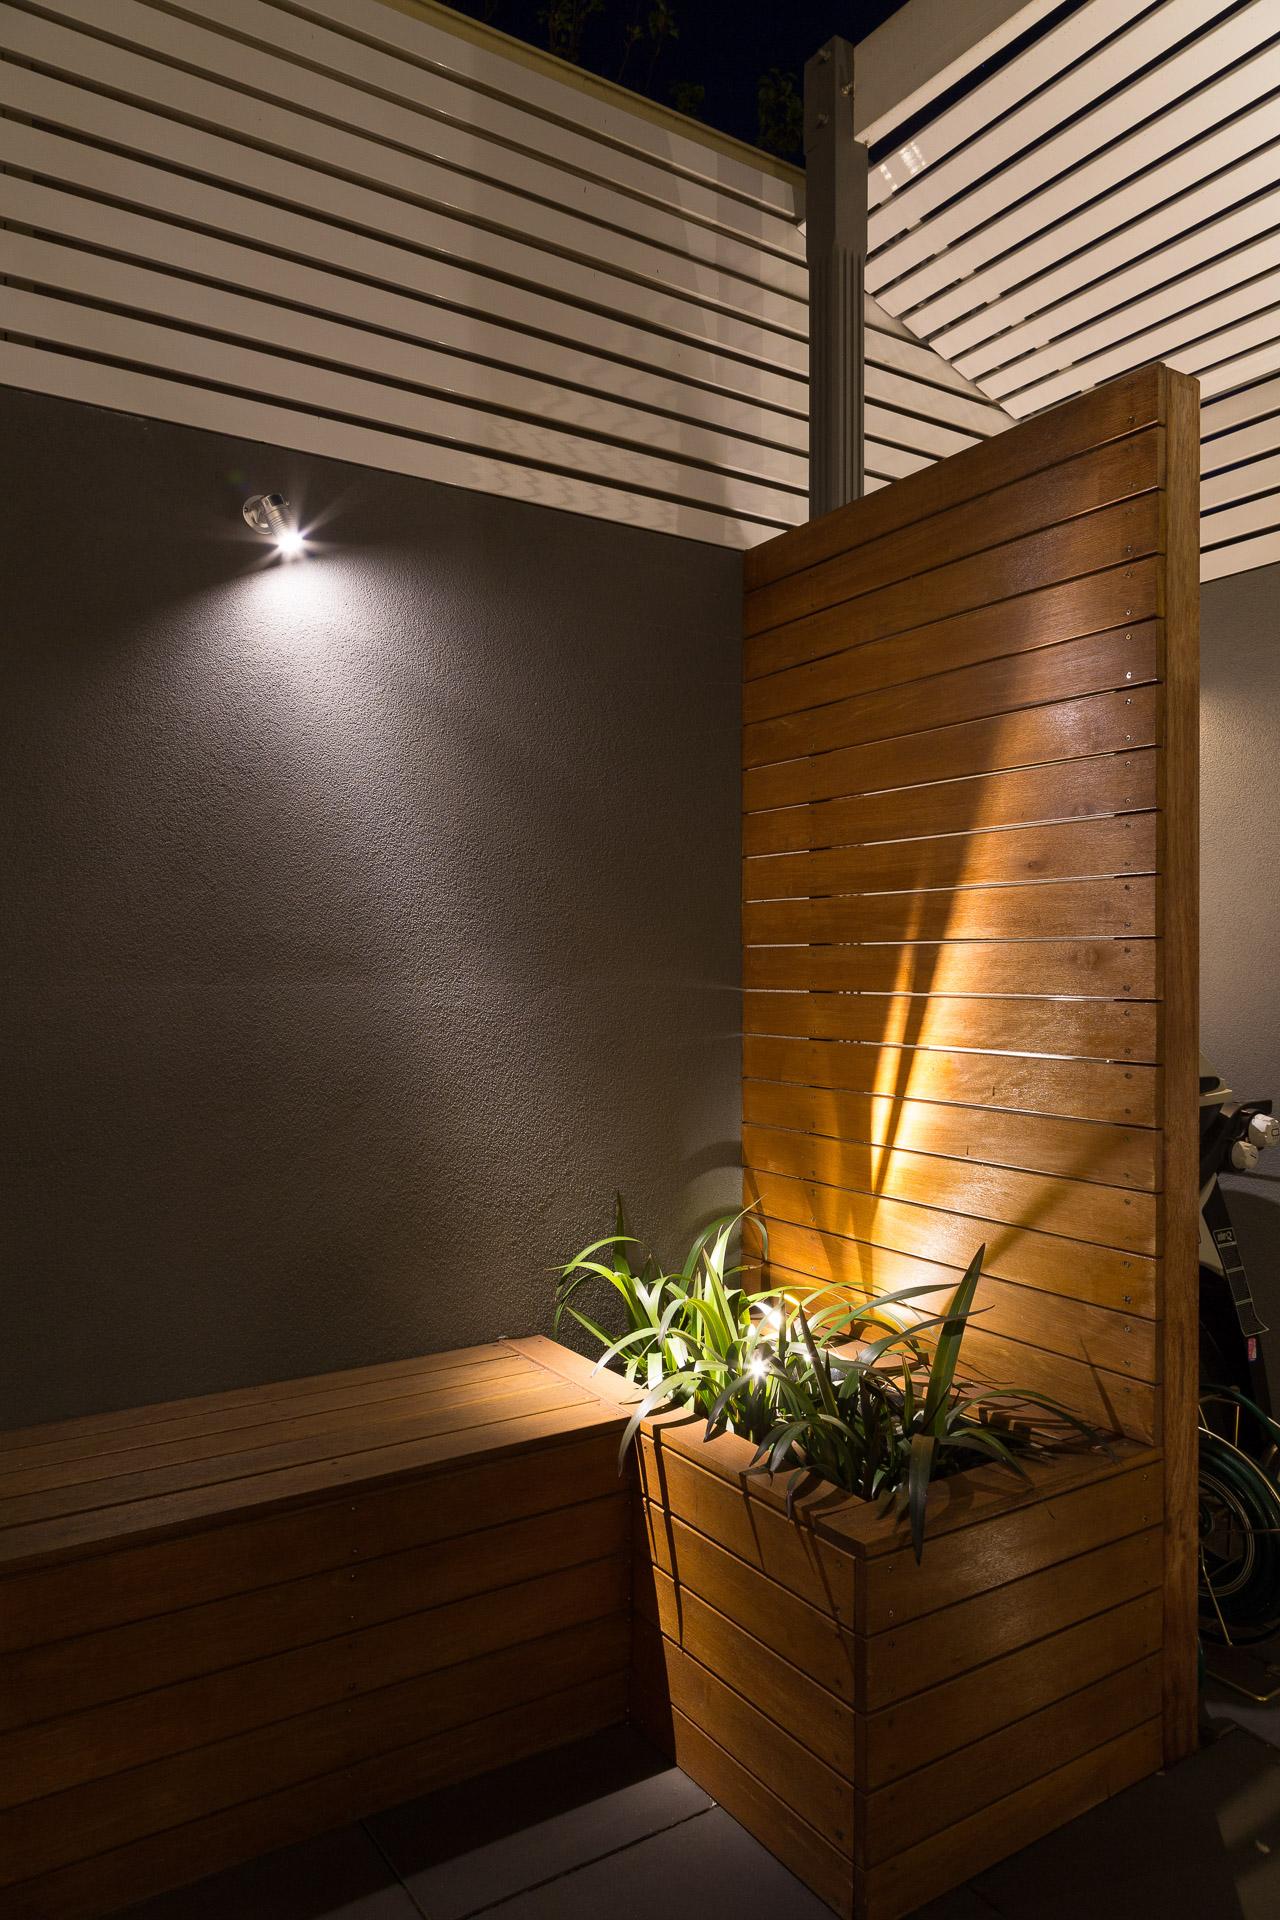 Lux 3w Led Wall Light Sa Outdoor Lighting